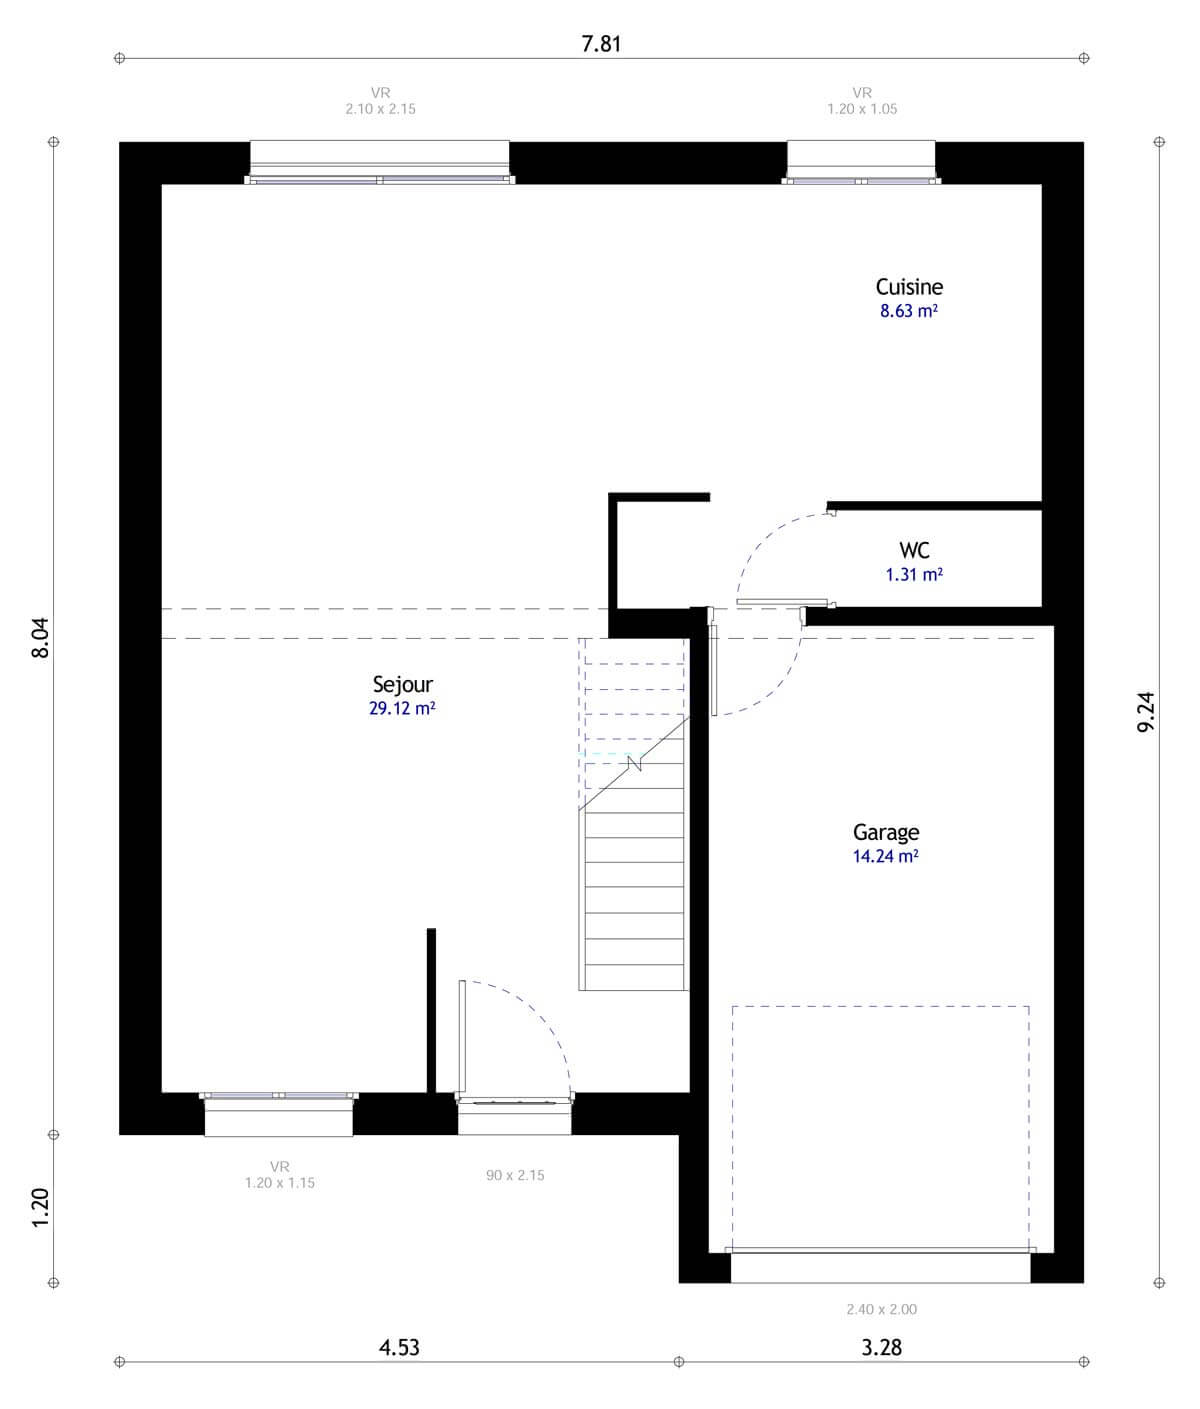 Plan De Maison 4 Chambres Modele Dh 99 Design Habitat